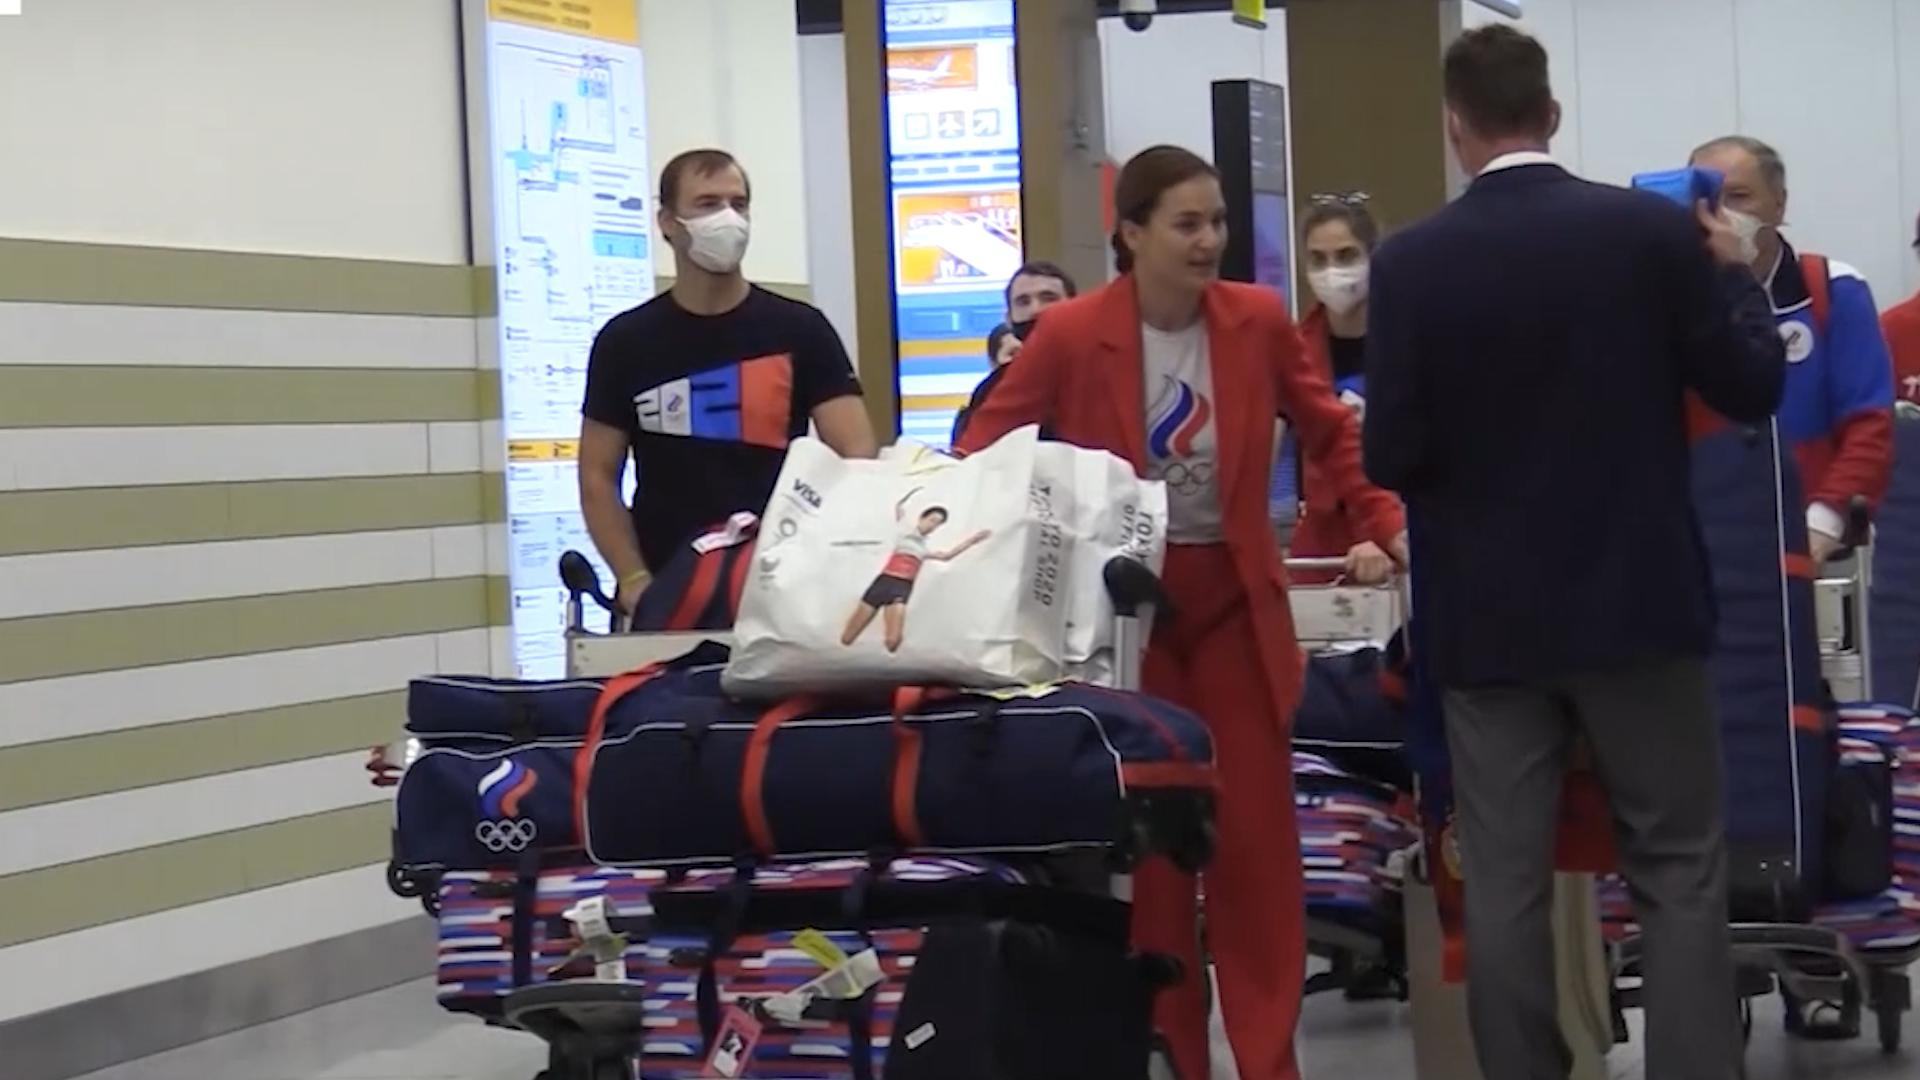 С объятиями, улыбками и кричалками: В Москве встретили российских саблисток, взявших золото Олимпиады в Токио